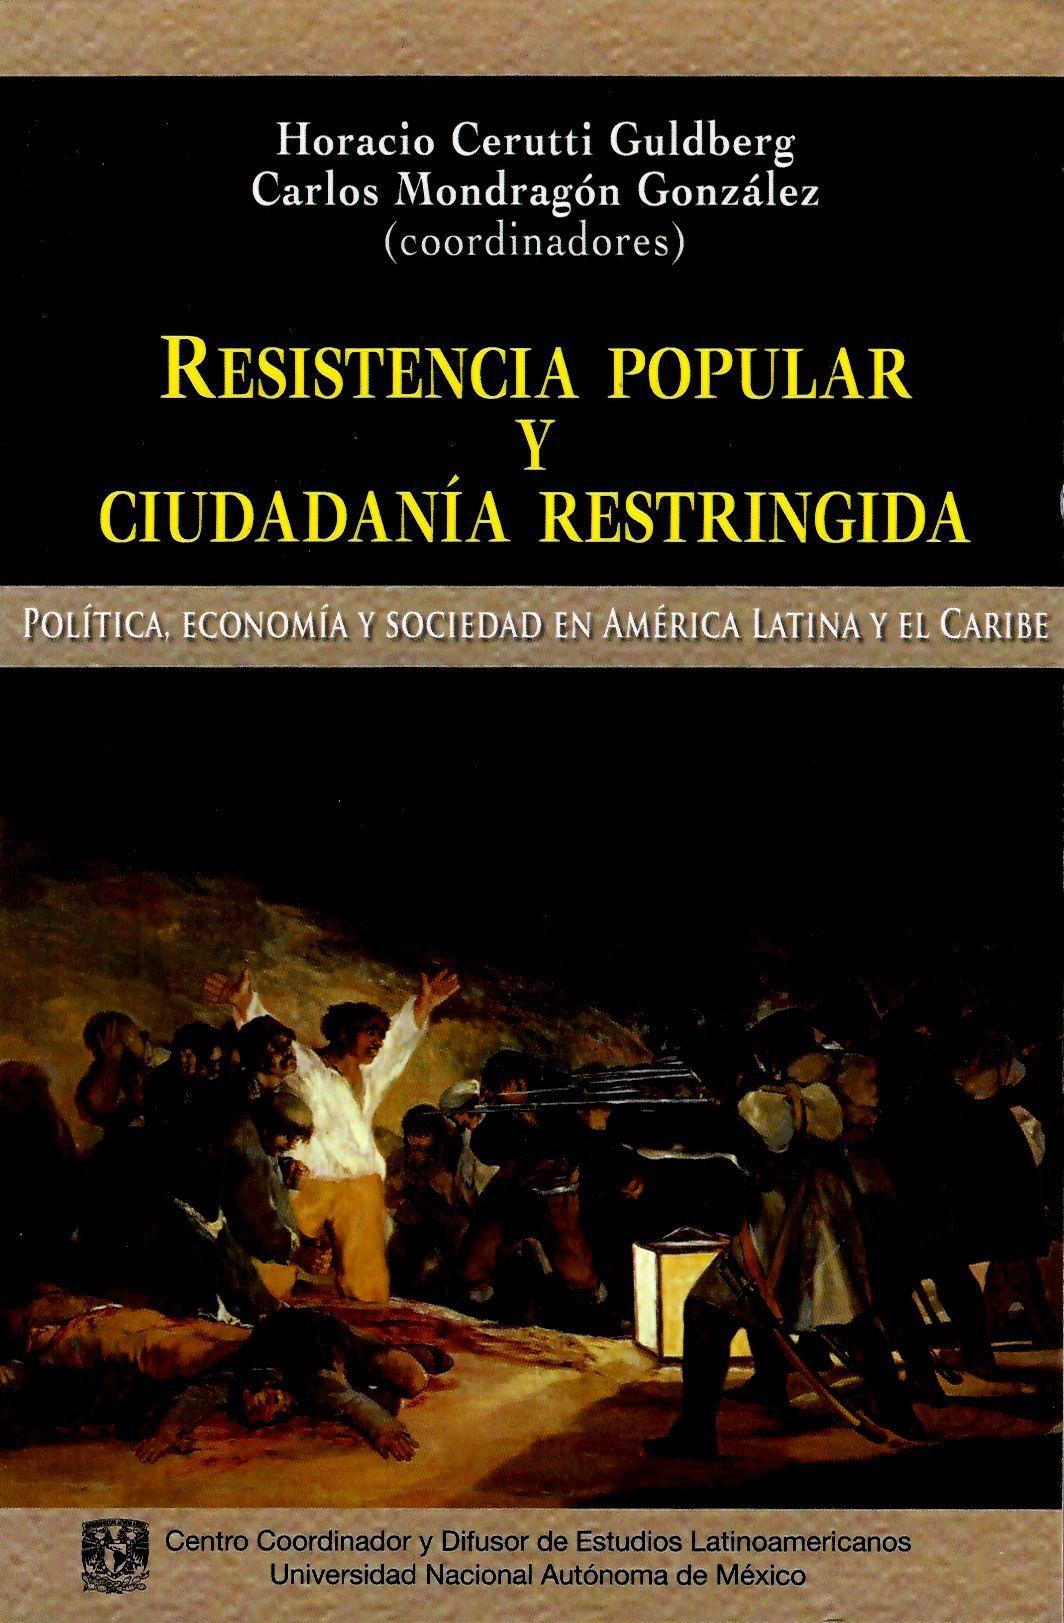 Resistencia popular y ciudadanía restringida